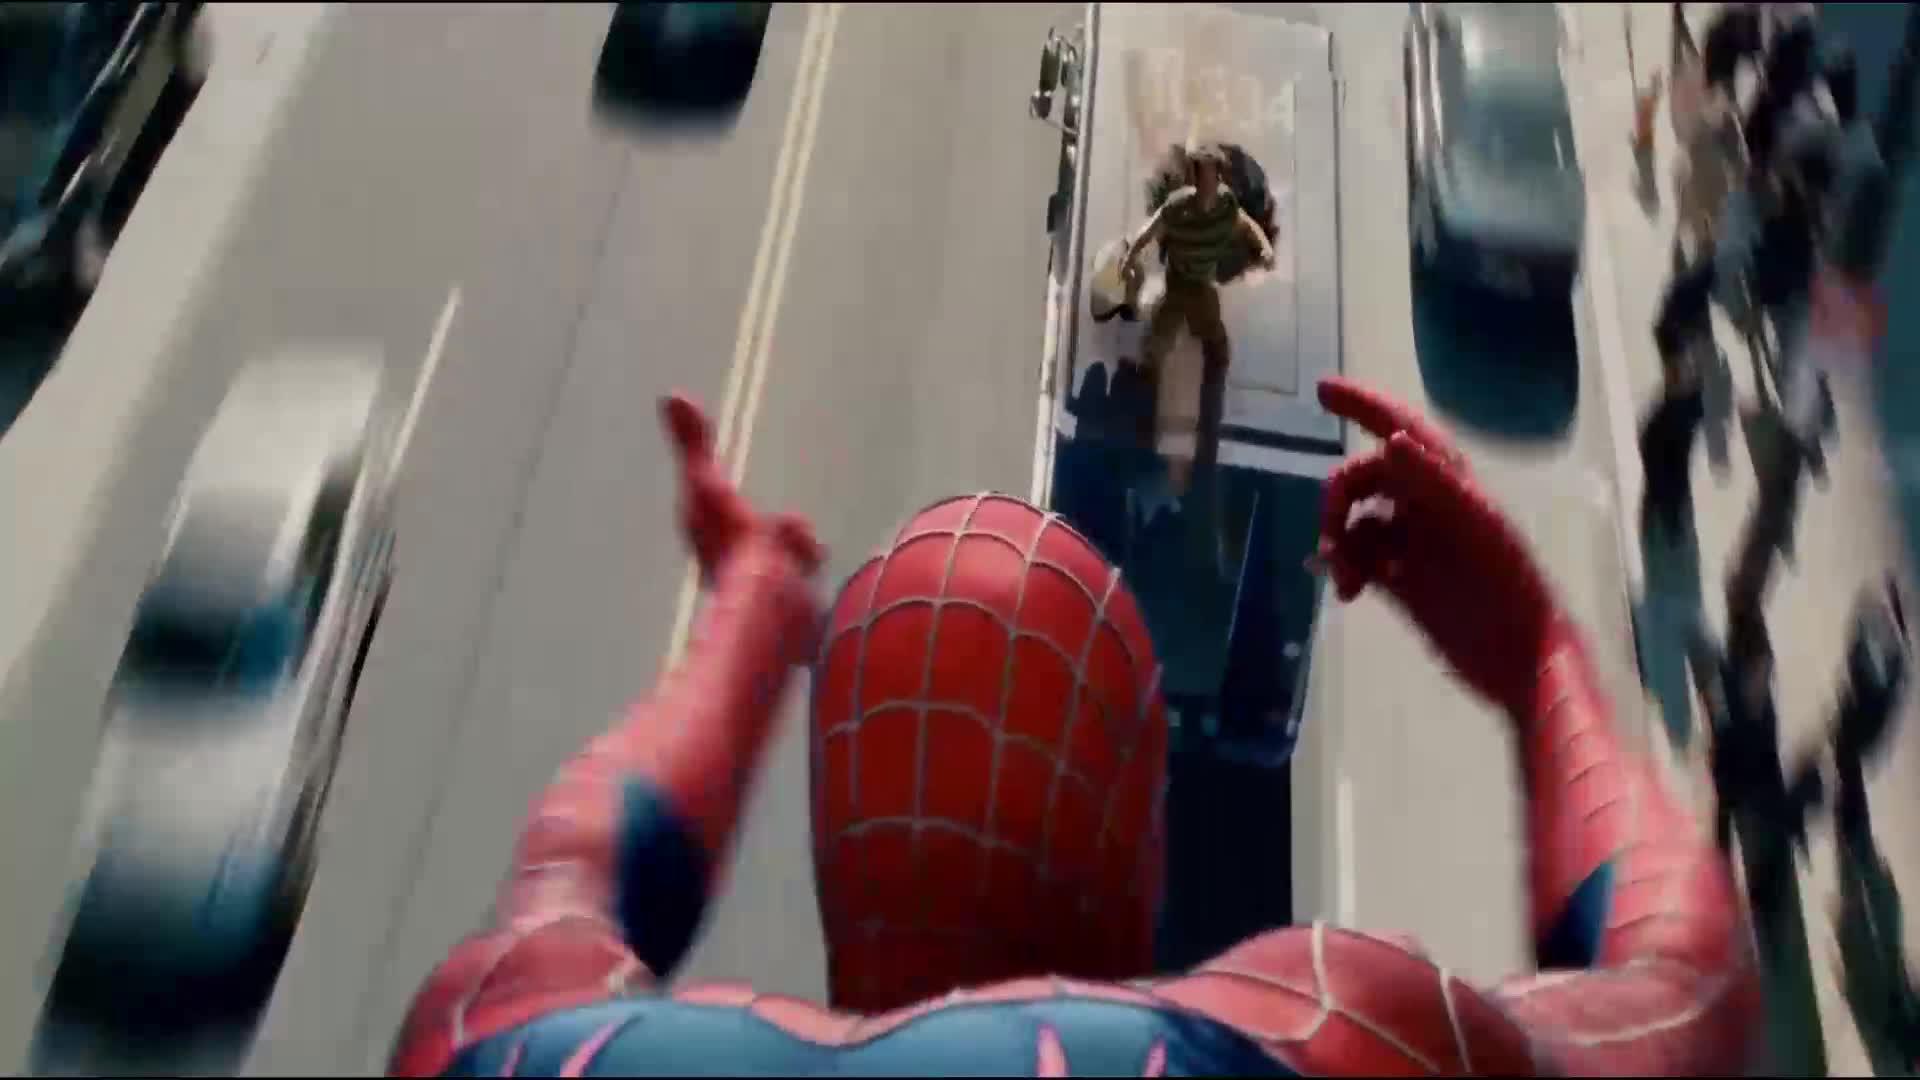 #蜘蛛侠#漫威真正的不死之身,堪称最强超级英雄!不愧是开挂的存在